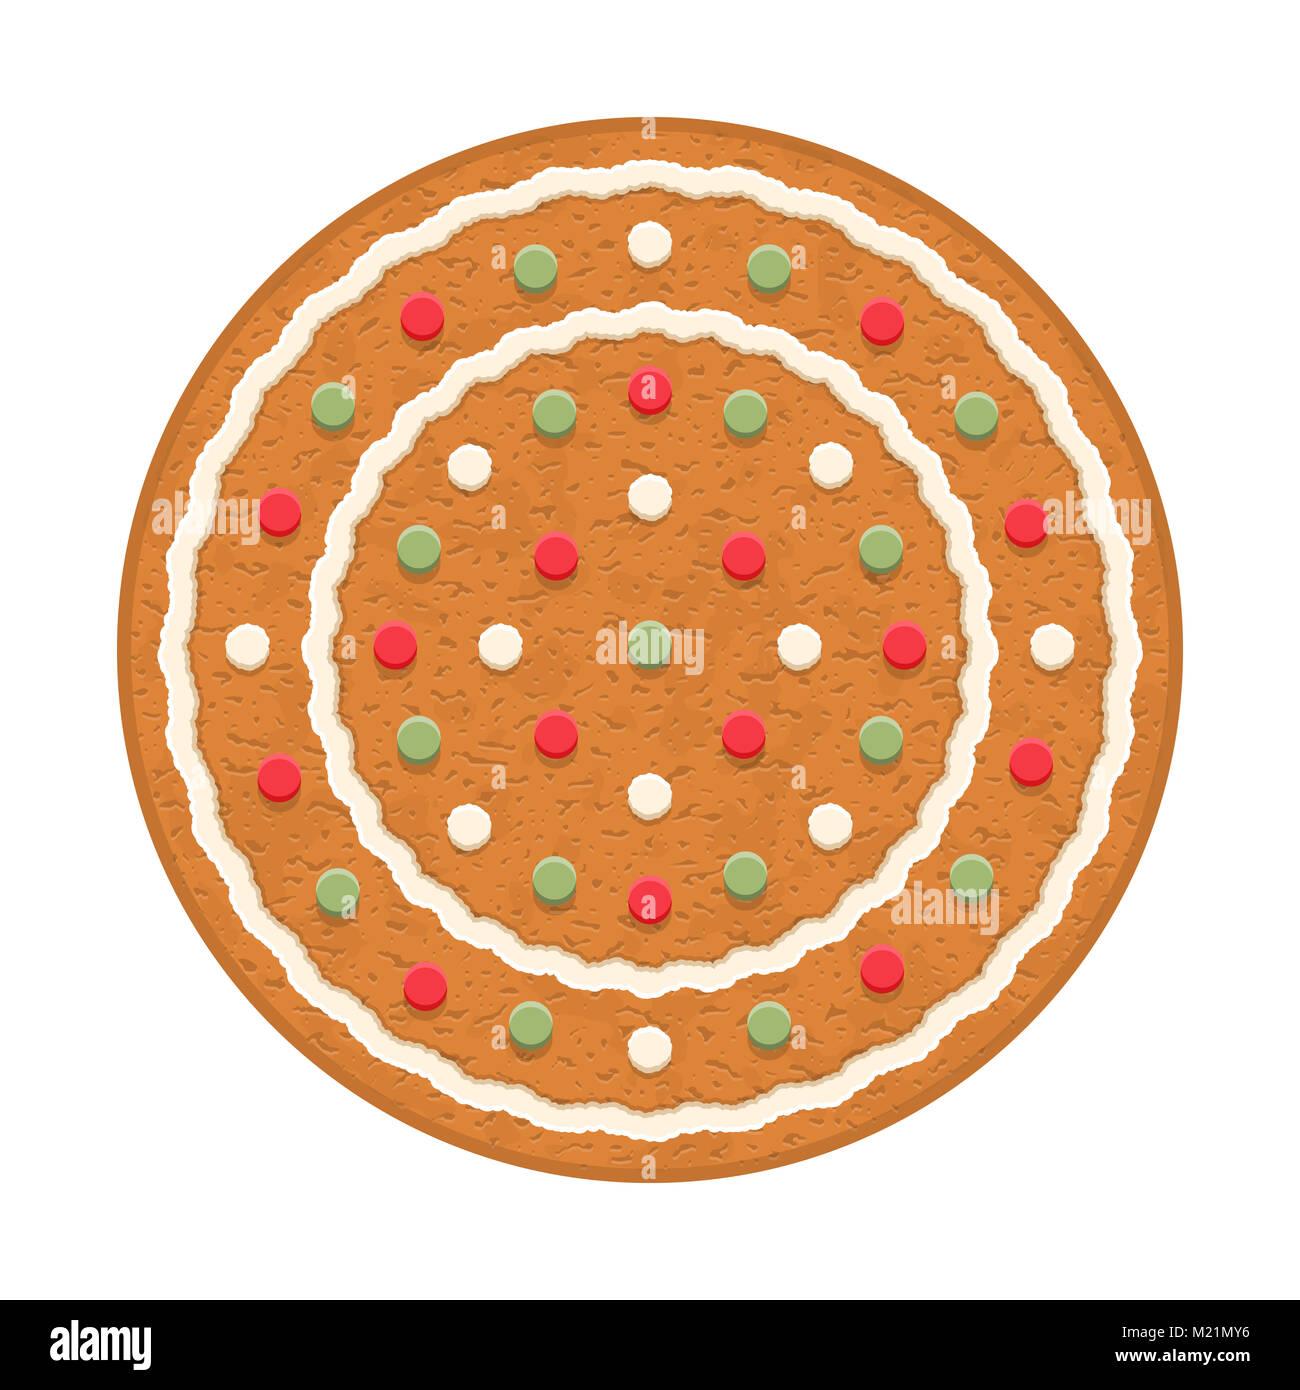 Gingerbread circle, tradizionale Natale cookie, vettoriale EPS10 illustrazione Immagini Stock